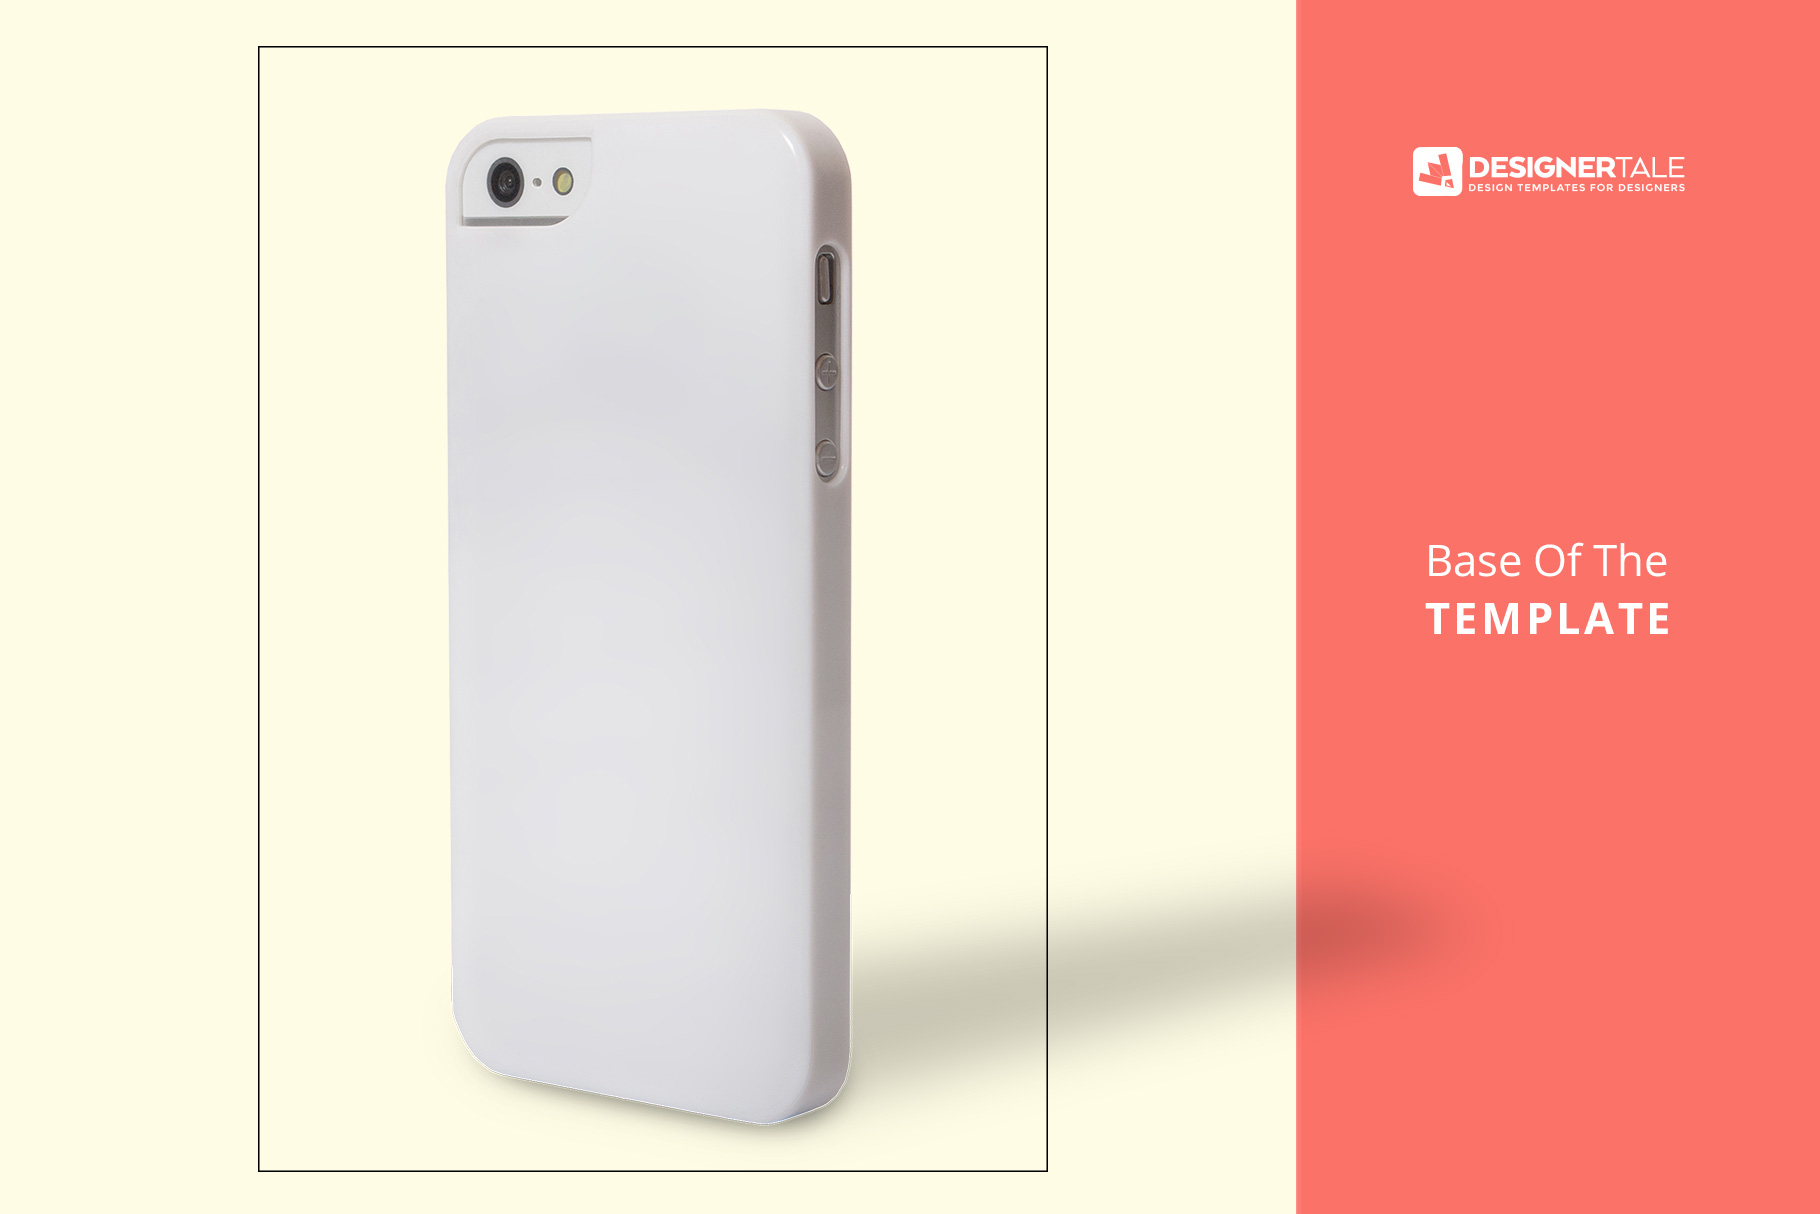 base image of the iphone snap backcase mockup